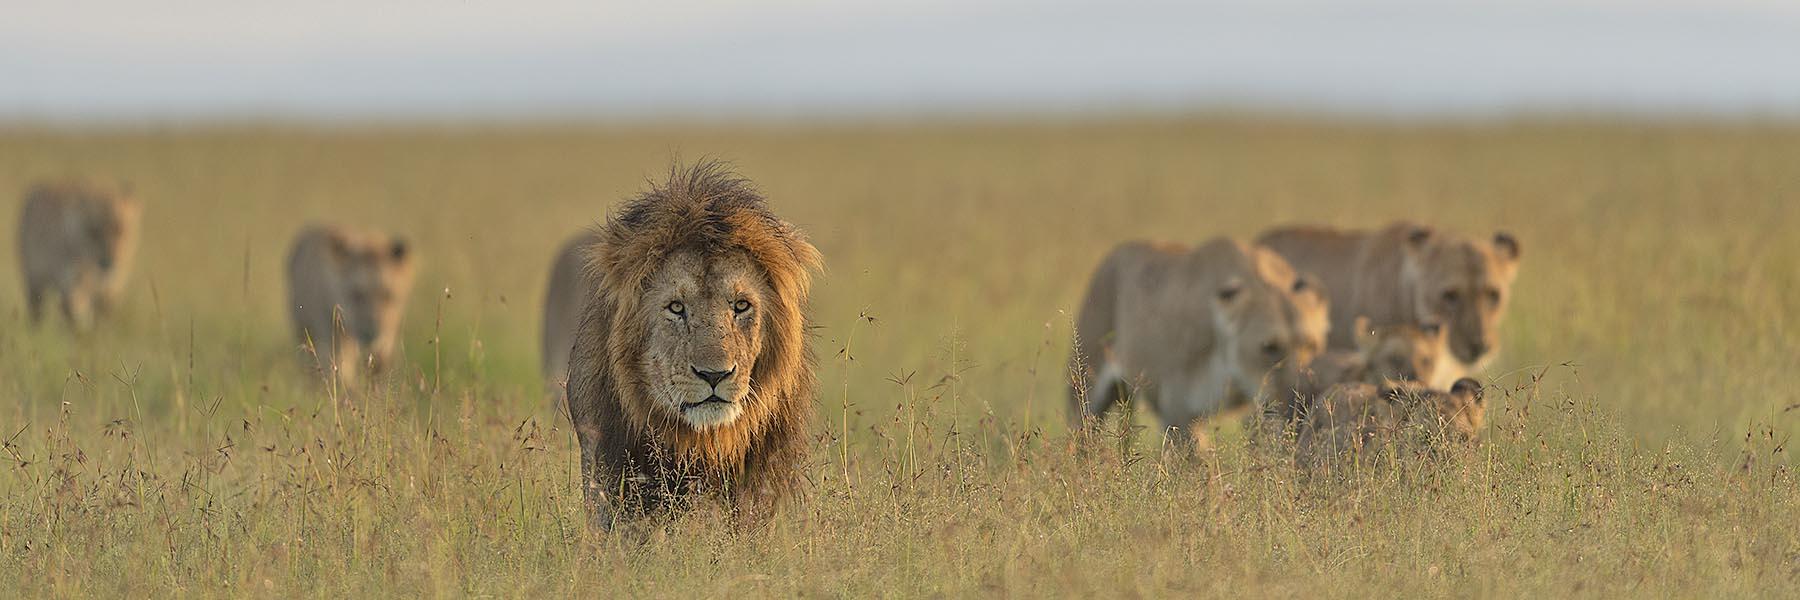 Mara, Serengeti, Ngorongoro